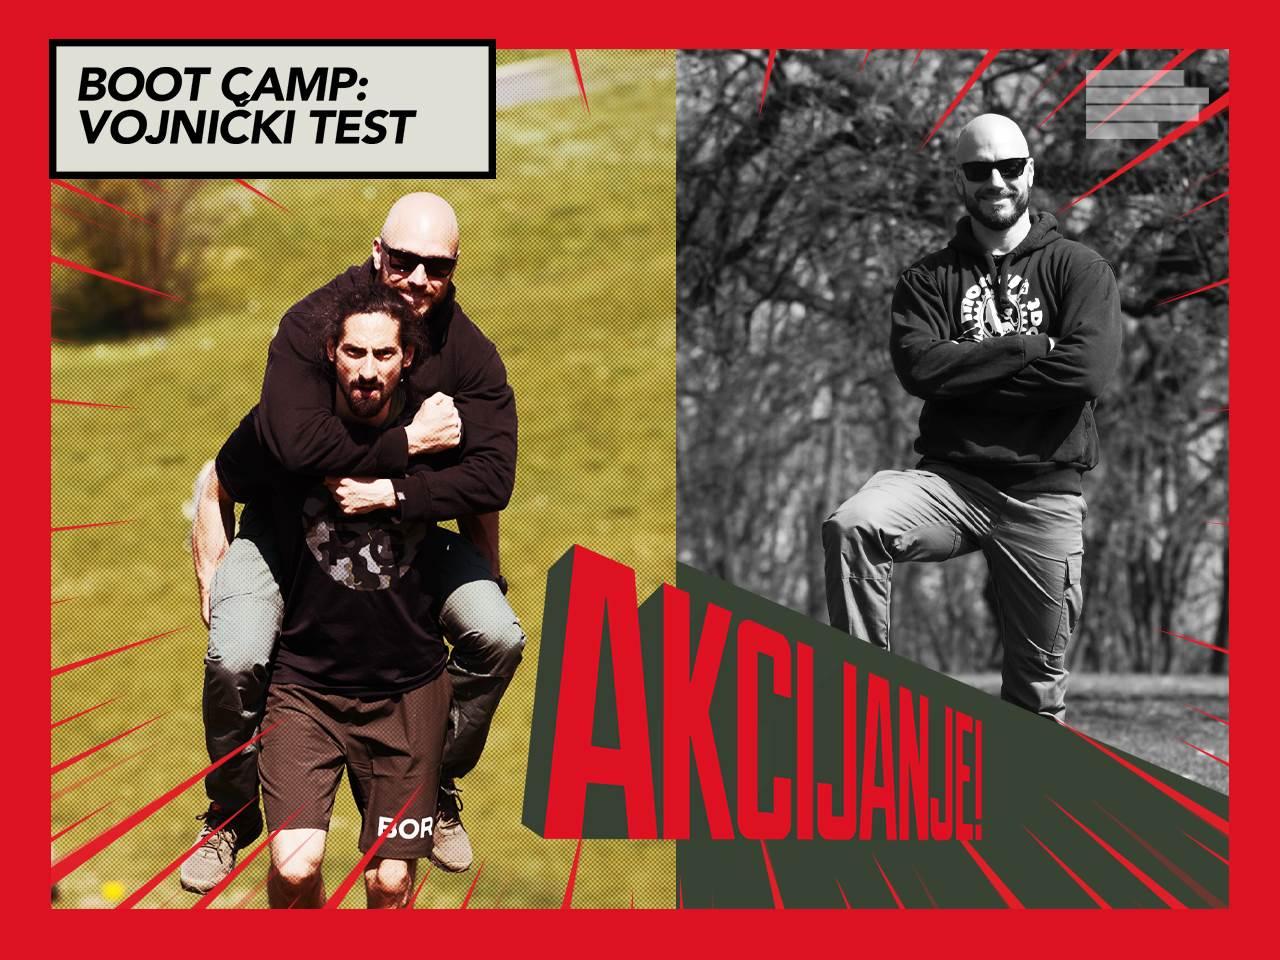 akcijanje_BOOT CAMP_4x3 Portal